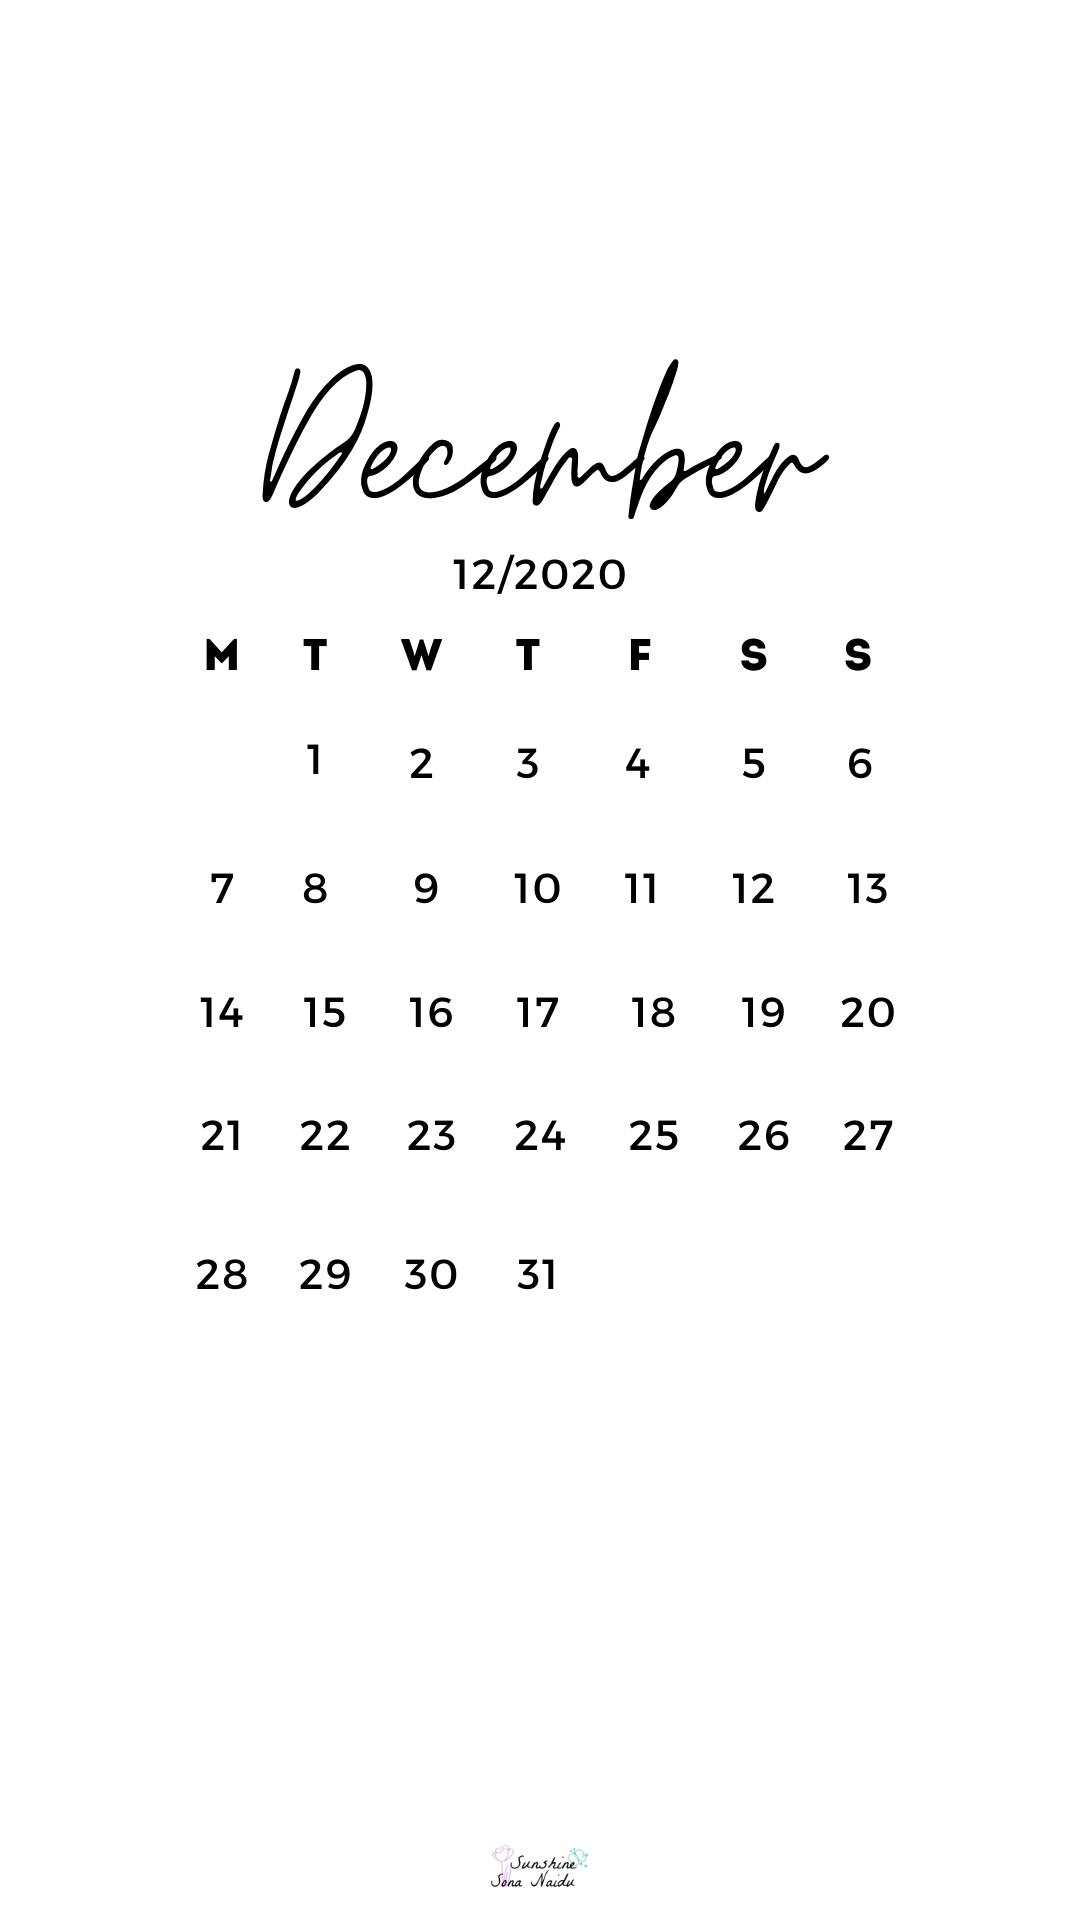 December 2020 Wallpaper In 2020 December Wallpaper Iphone Calendar Wallpaper Cute Christmas Wallpaper